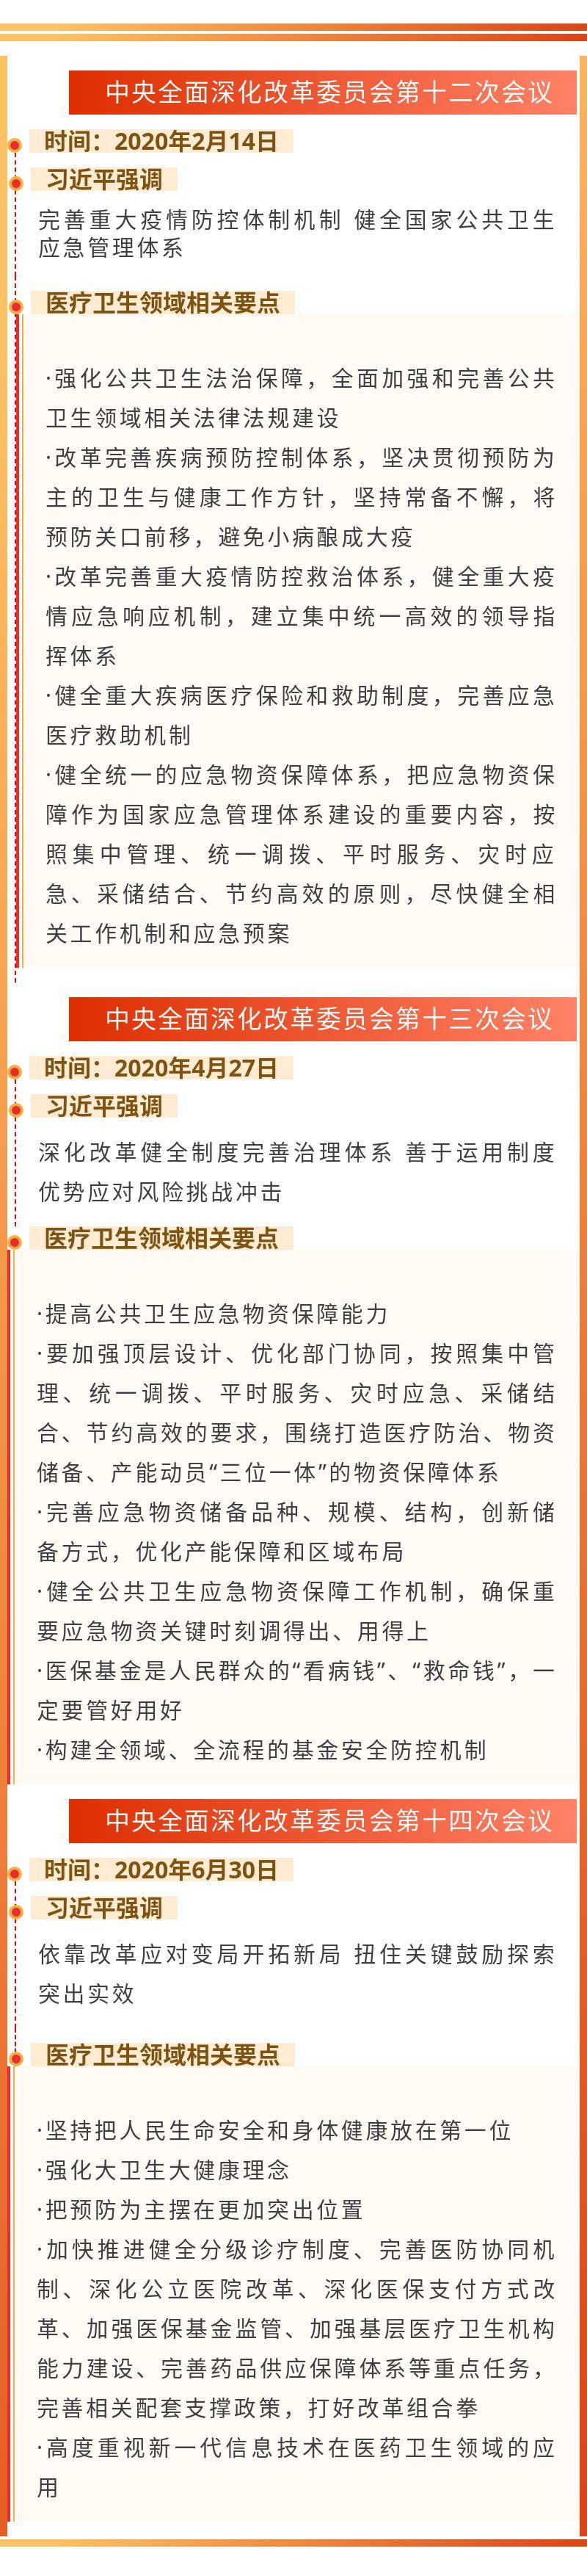 卢米纳罕见肝病获FDA认定 武田又一新药获批中国临床研究